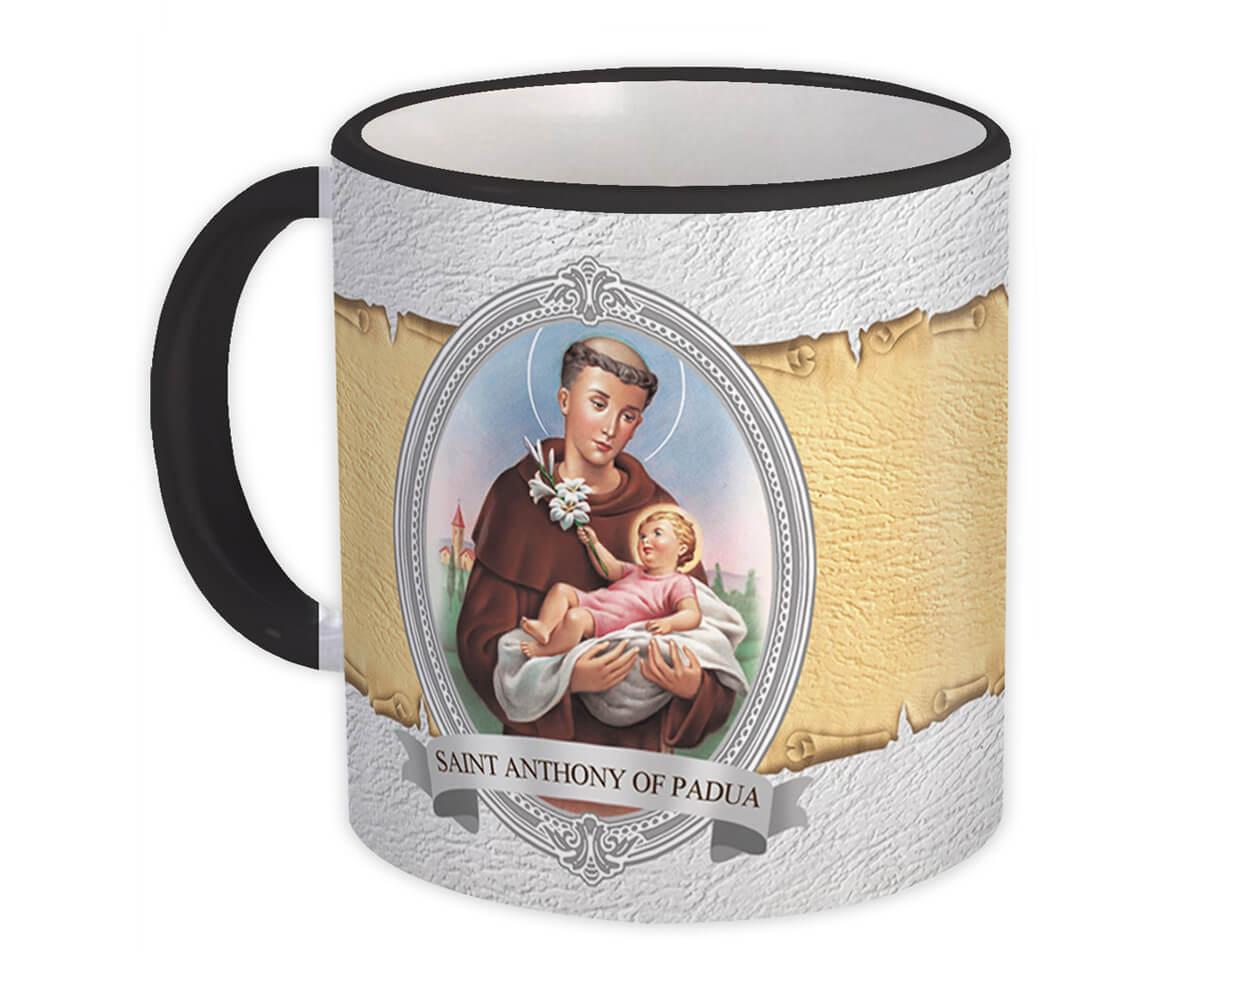 Saint Anthony of Padua : Gift Mug Catholic Religious Religion Classic Faith